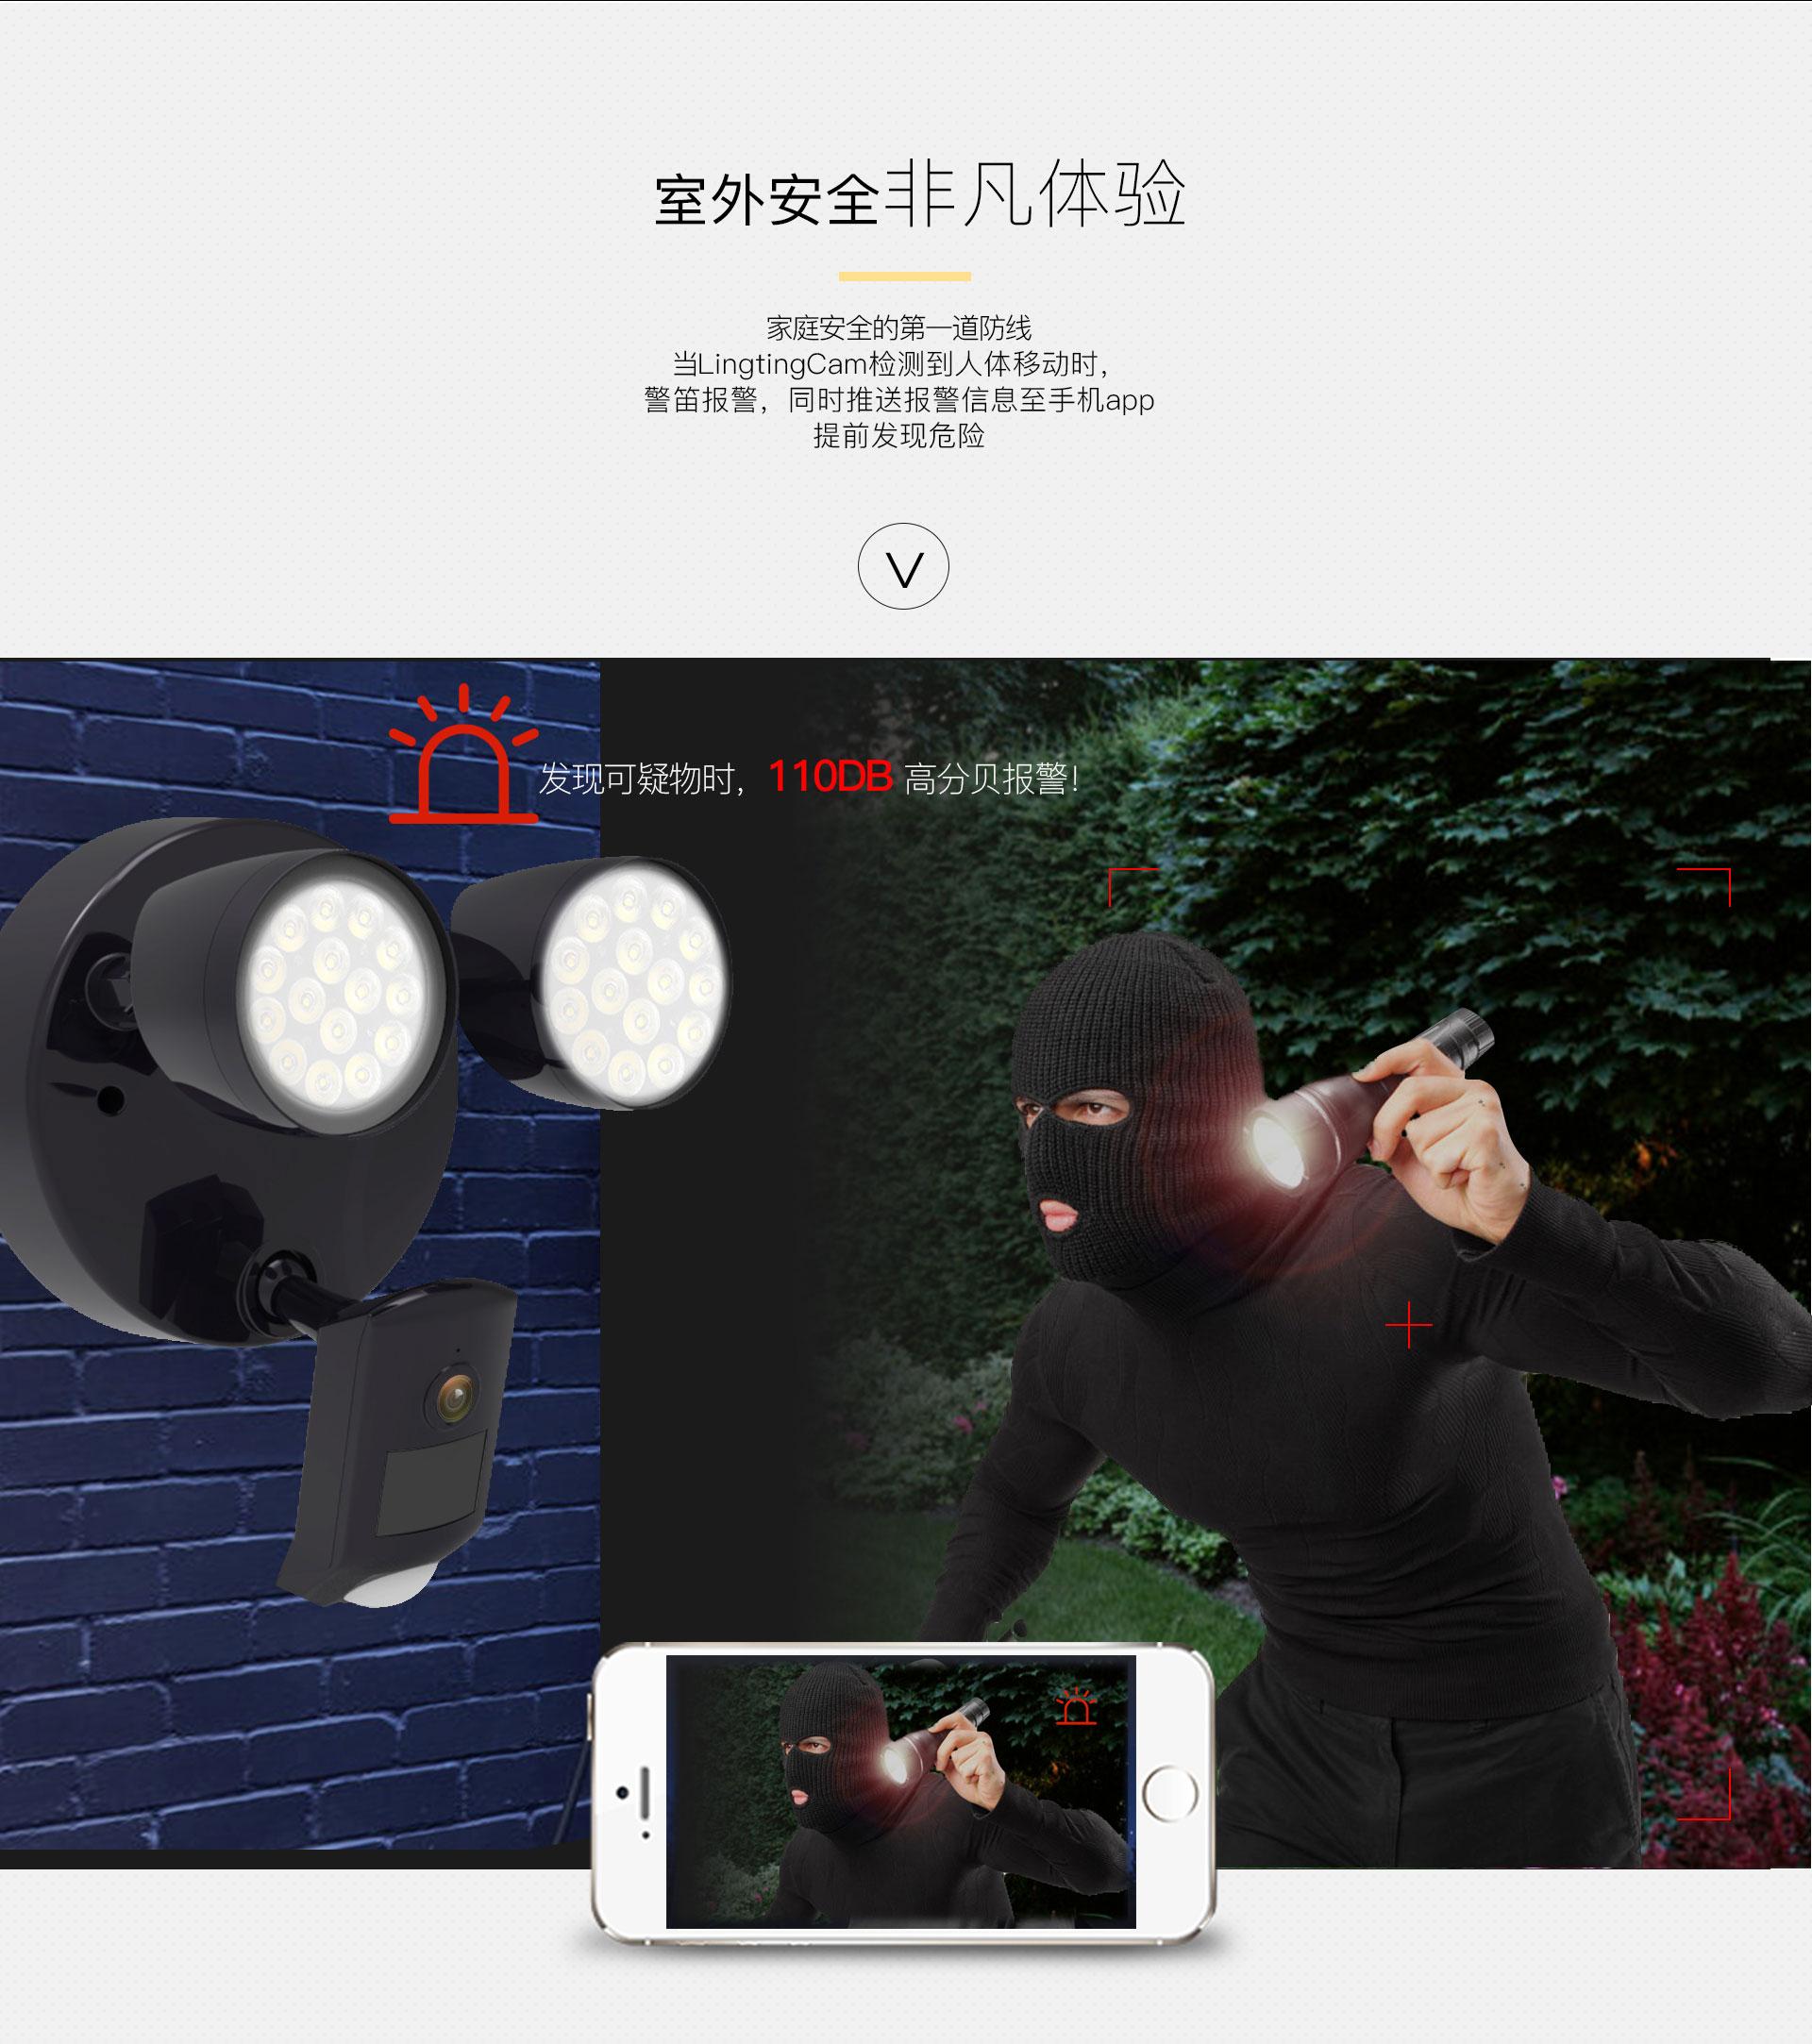 智能摄像泛光灯